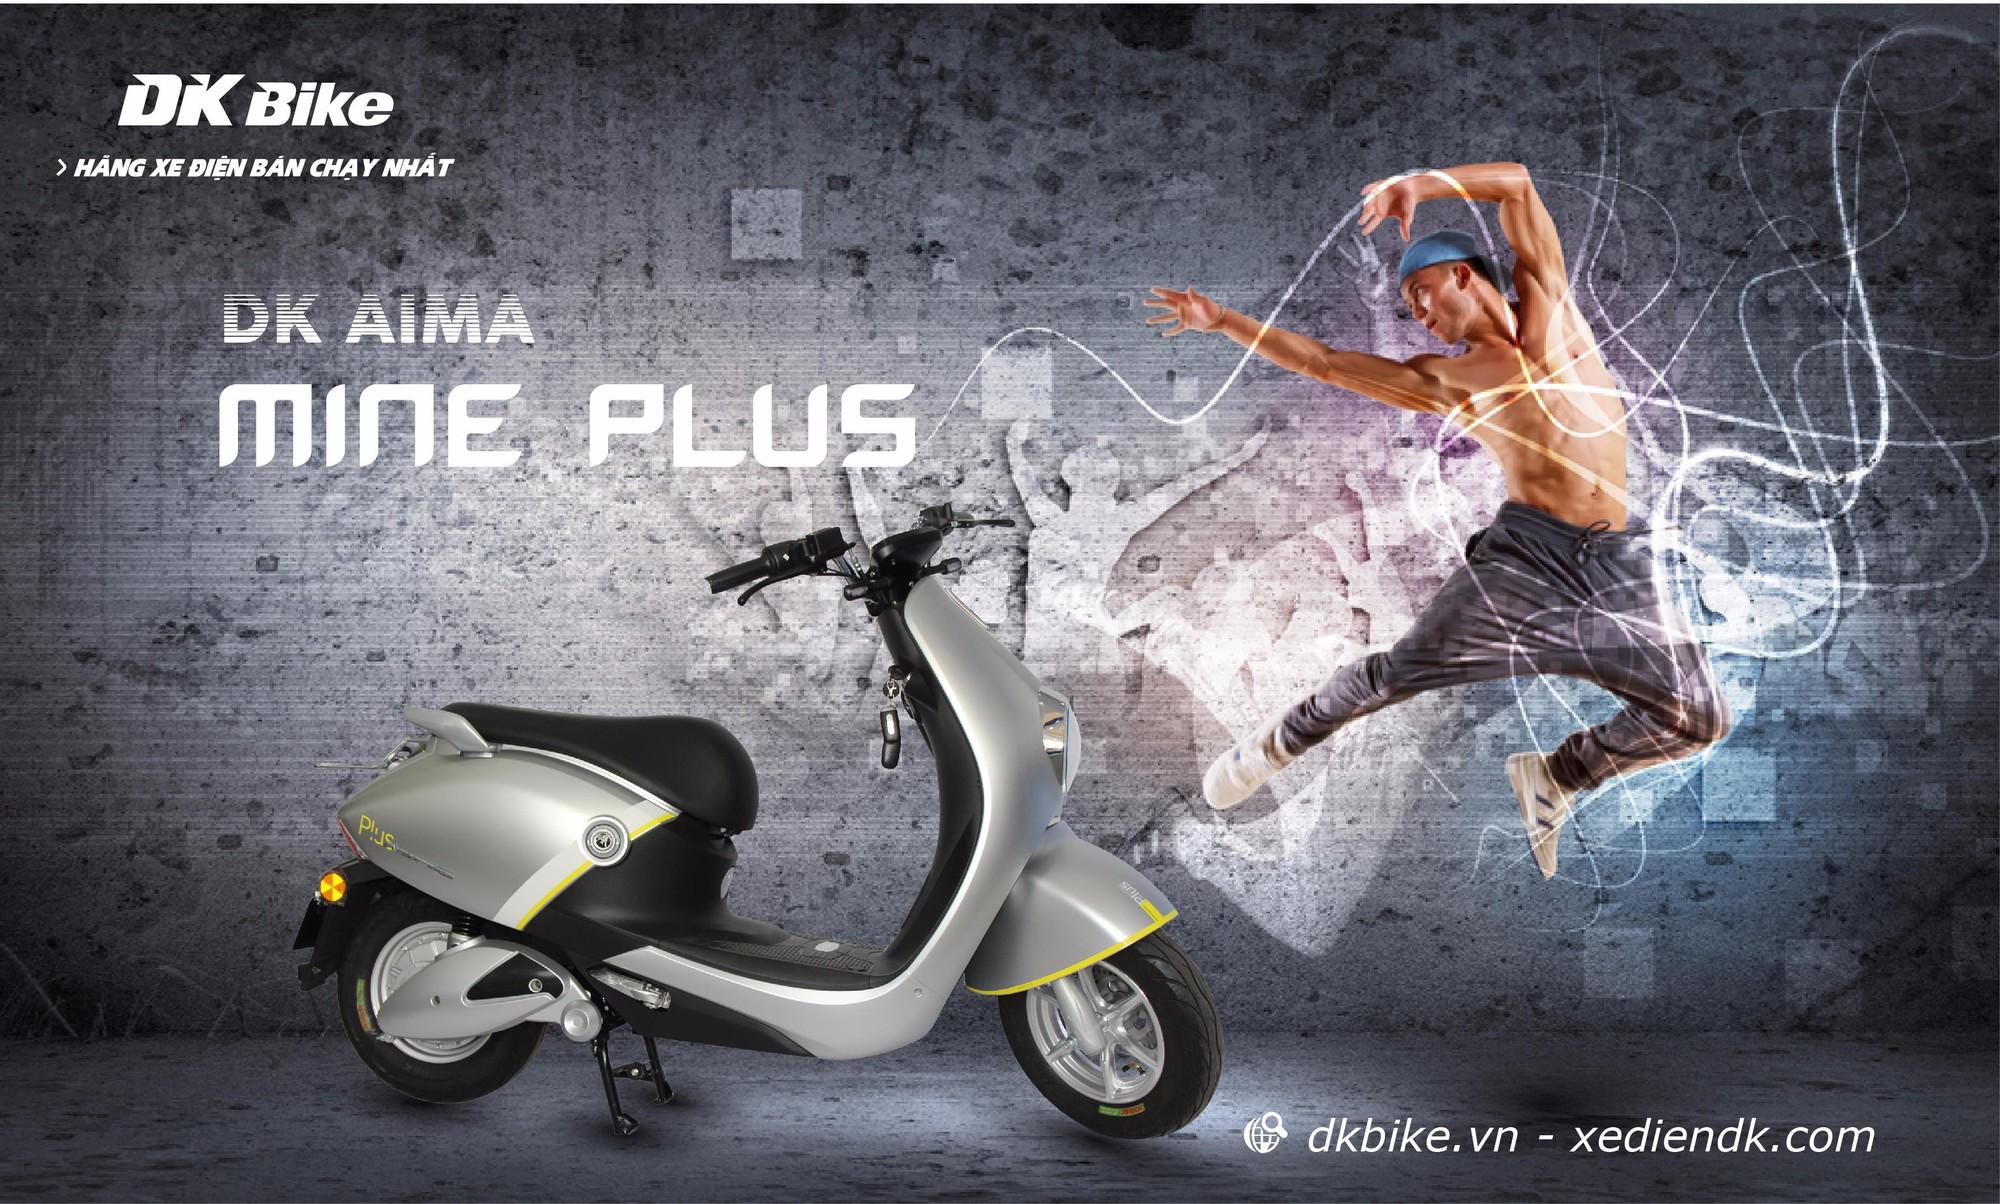 Các tính năng khiến fan điên đảo với mẫu xe nhập khẩu DK Aima Mine Plus - Ảnh 2.